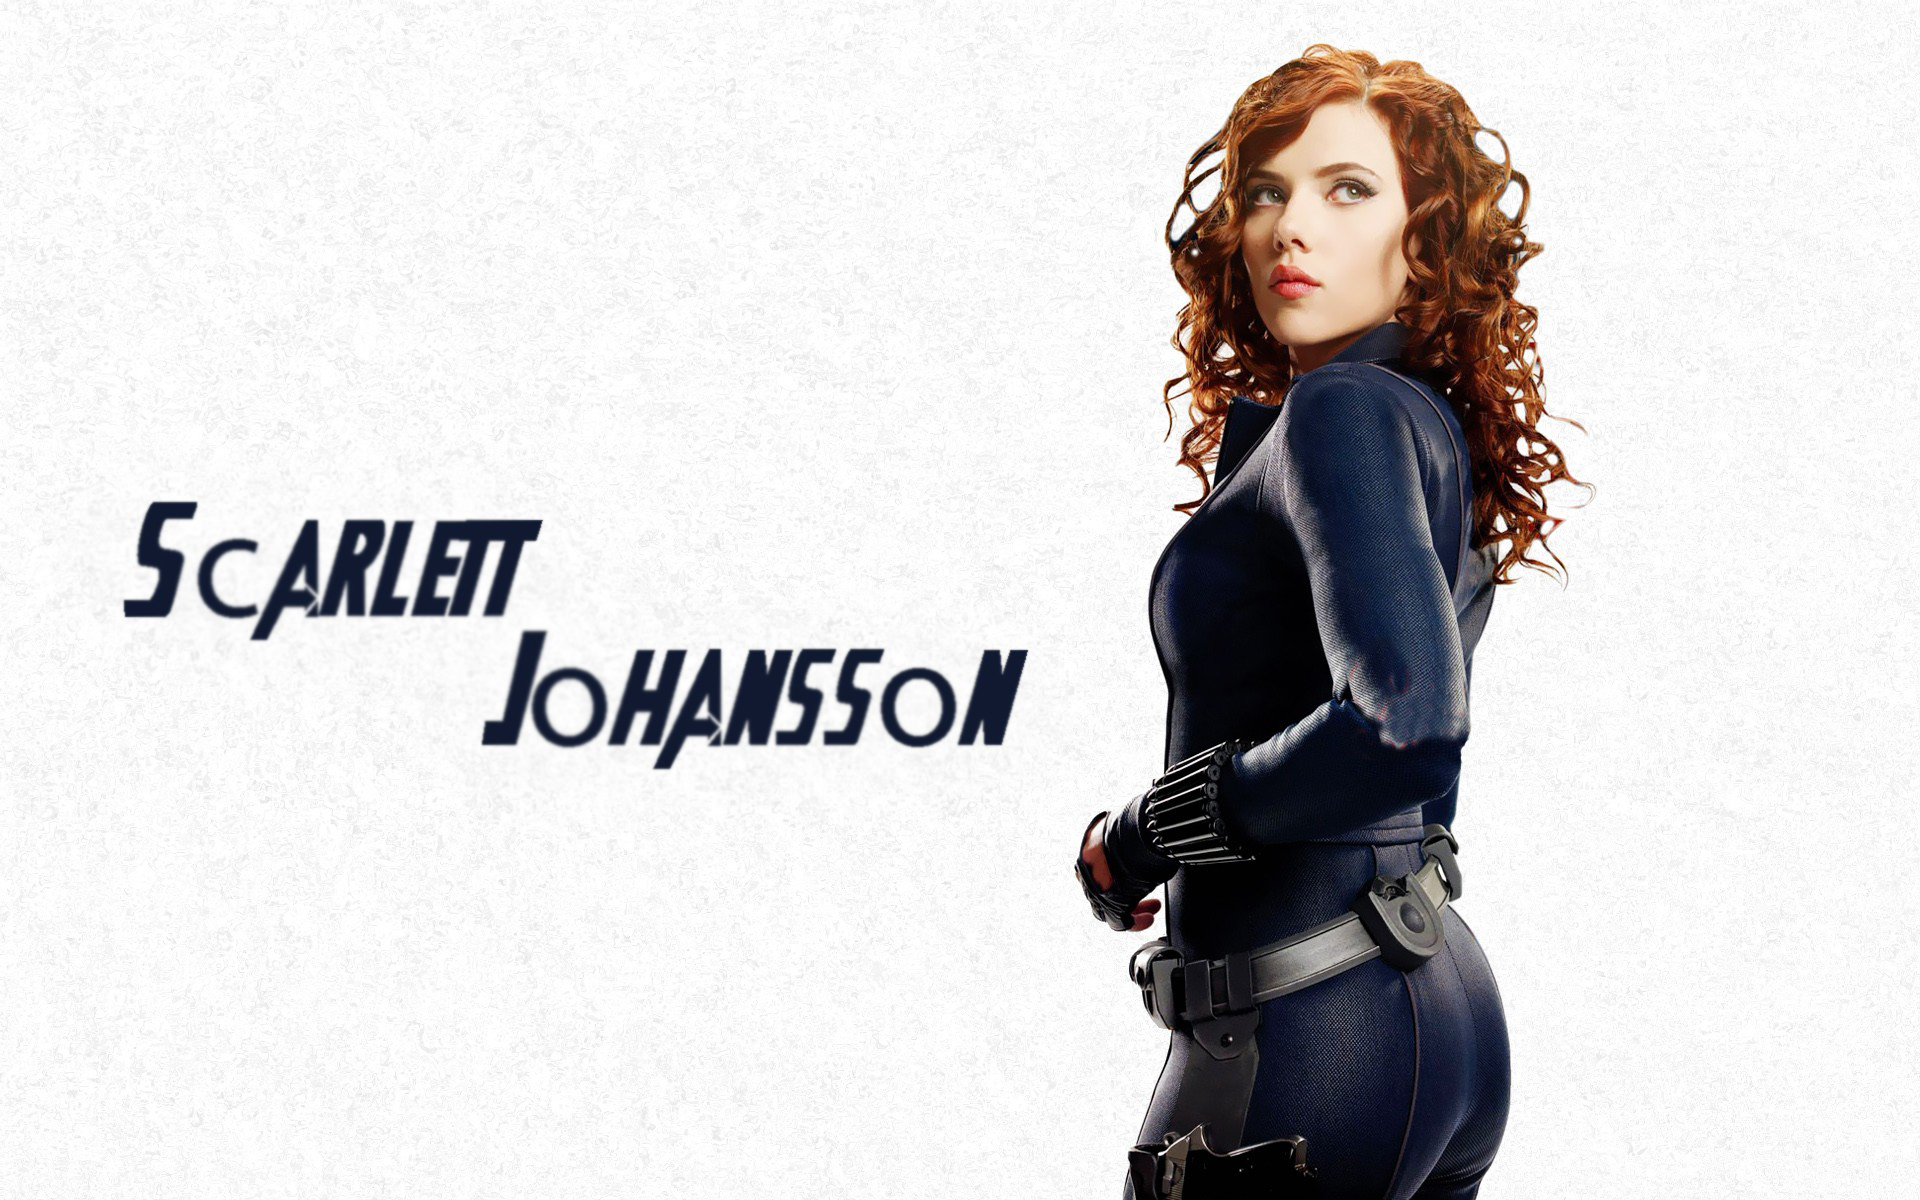 Scarlett Johansson in Avengers Movie wallpaper